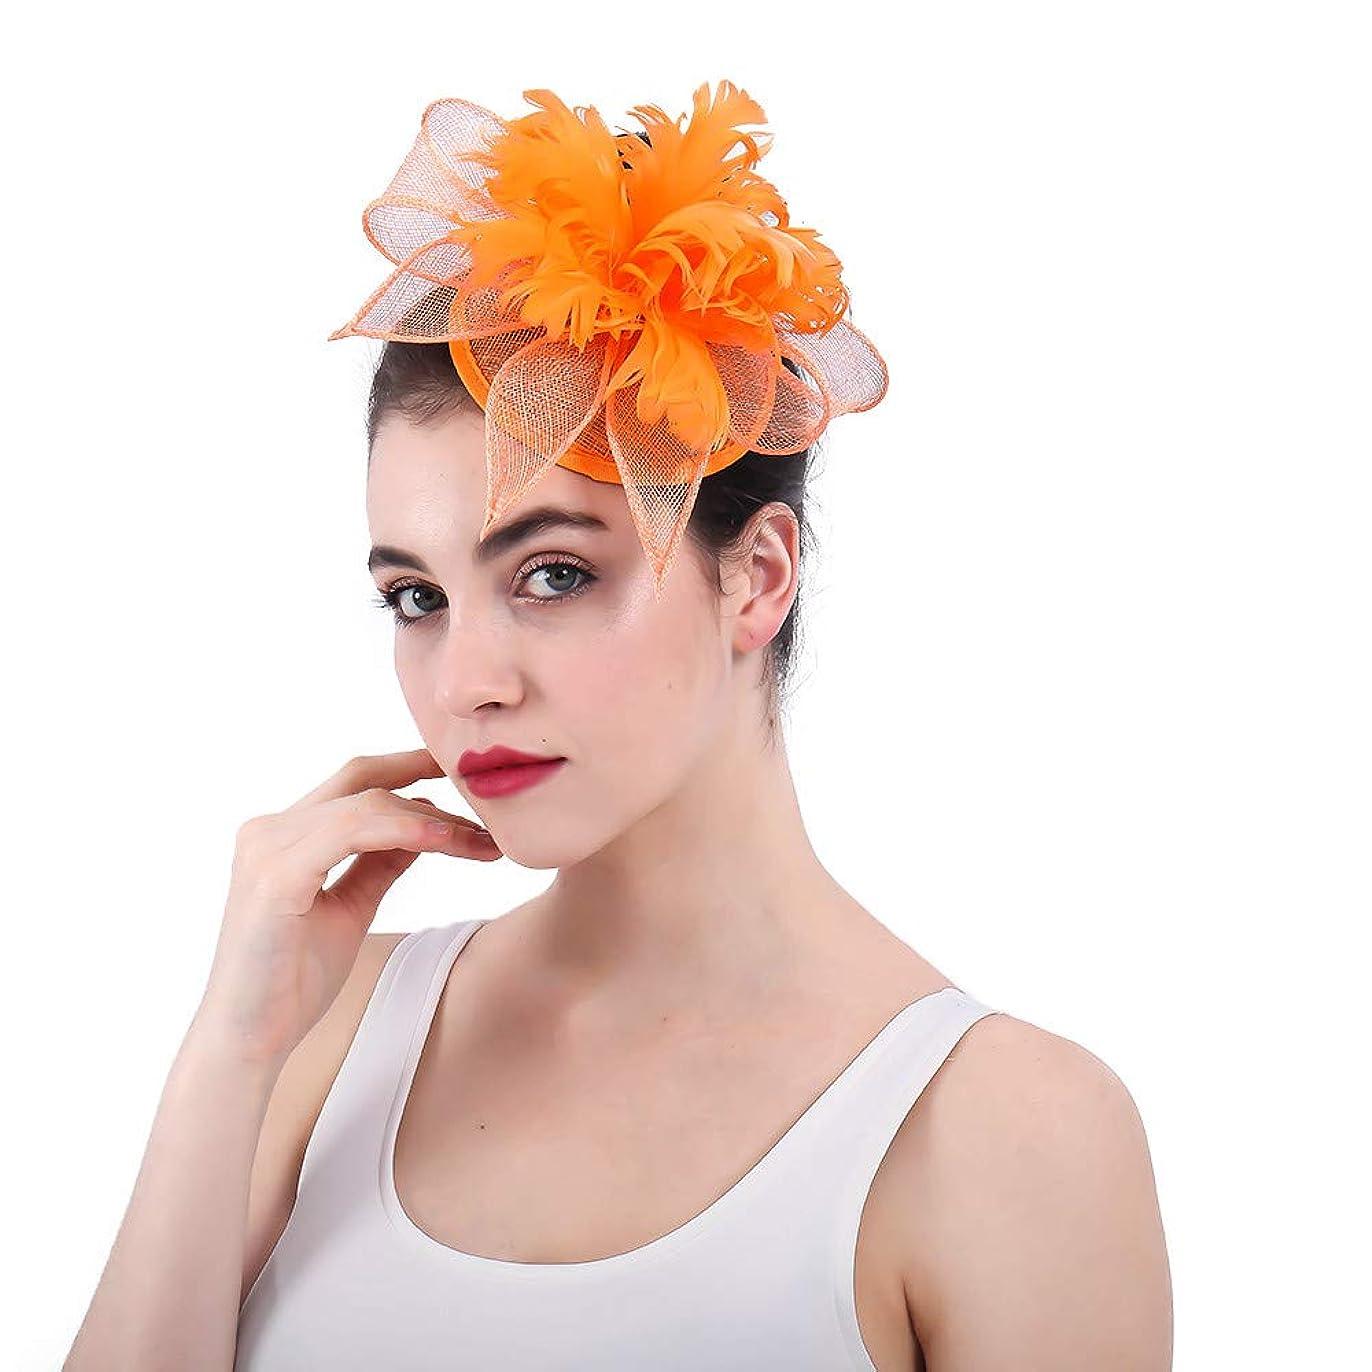 コンペバリア娘女性の魅力的な帽子 女性のエレガントな魅惑的な帽子の羽の花の結婚式のヘアピンヘッドドレスロイヤルアスコットカクテルティーパーティー (色 : Grey)